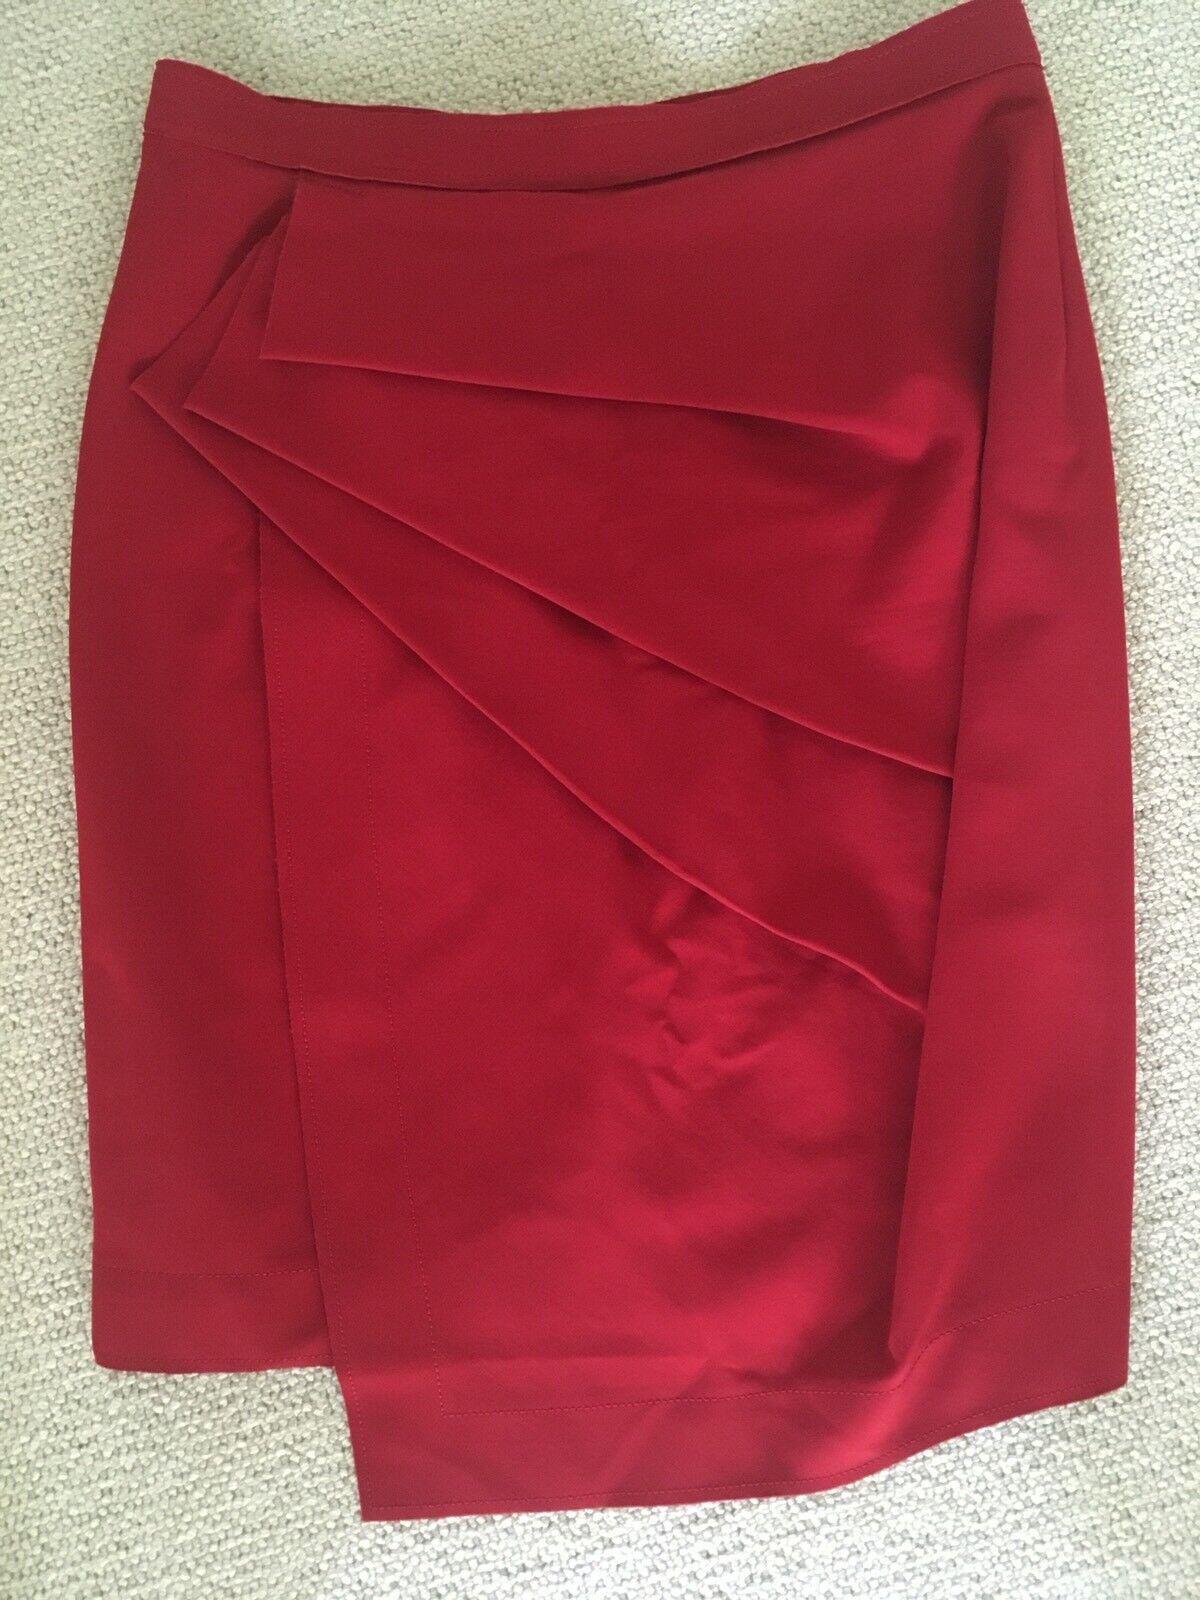 women Karan Red Skirt UK Size 18